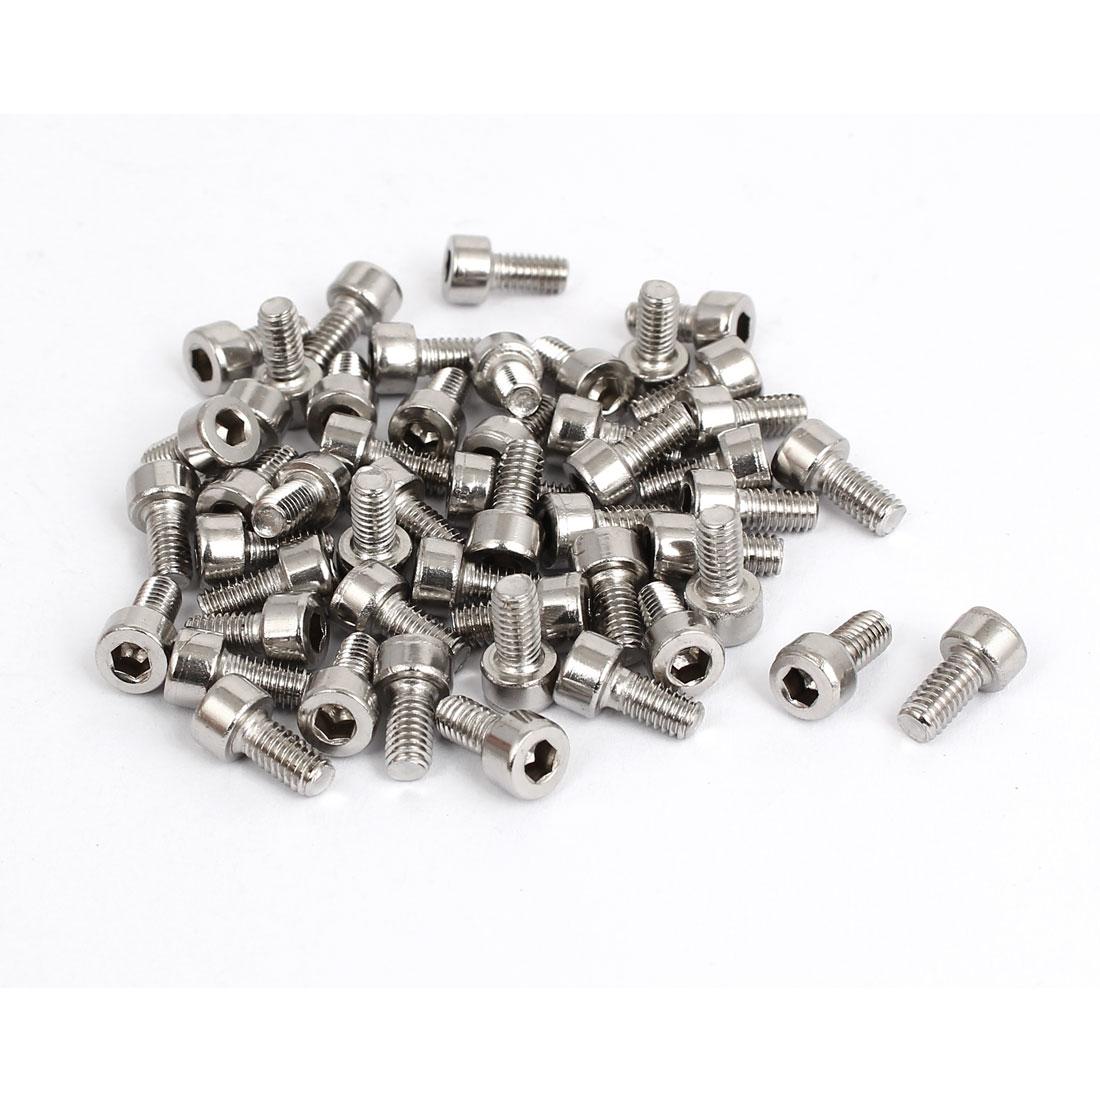 50pcs 3mm Stainless Steel Hex Key Socket Head Cap Screws Bolts M4x0.7mmx8mm